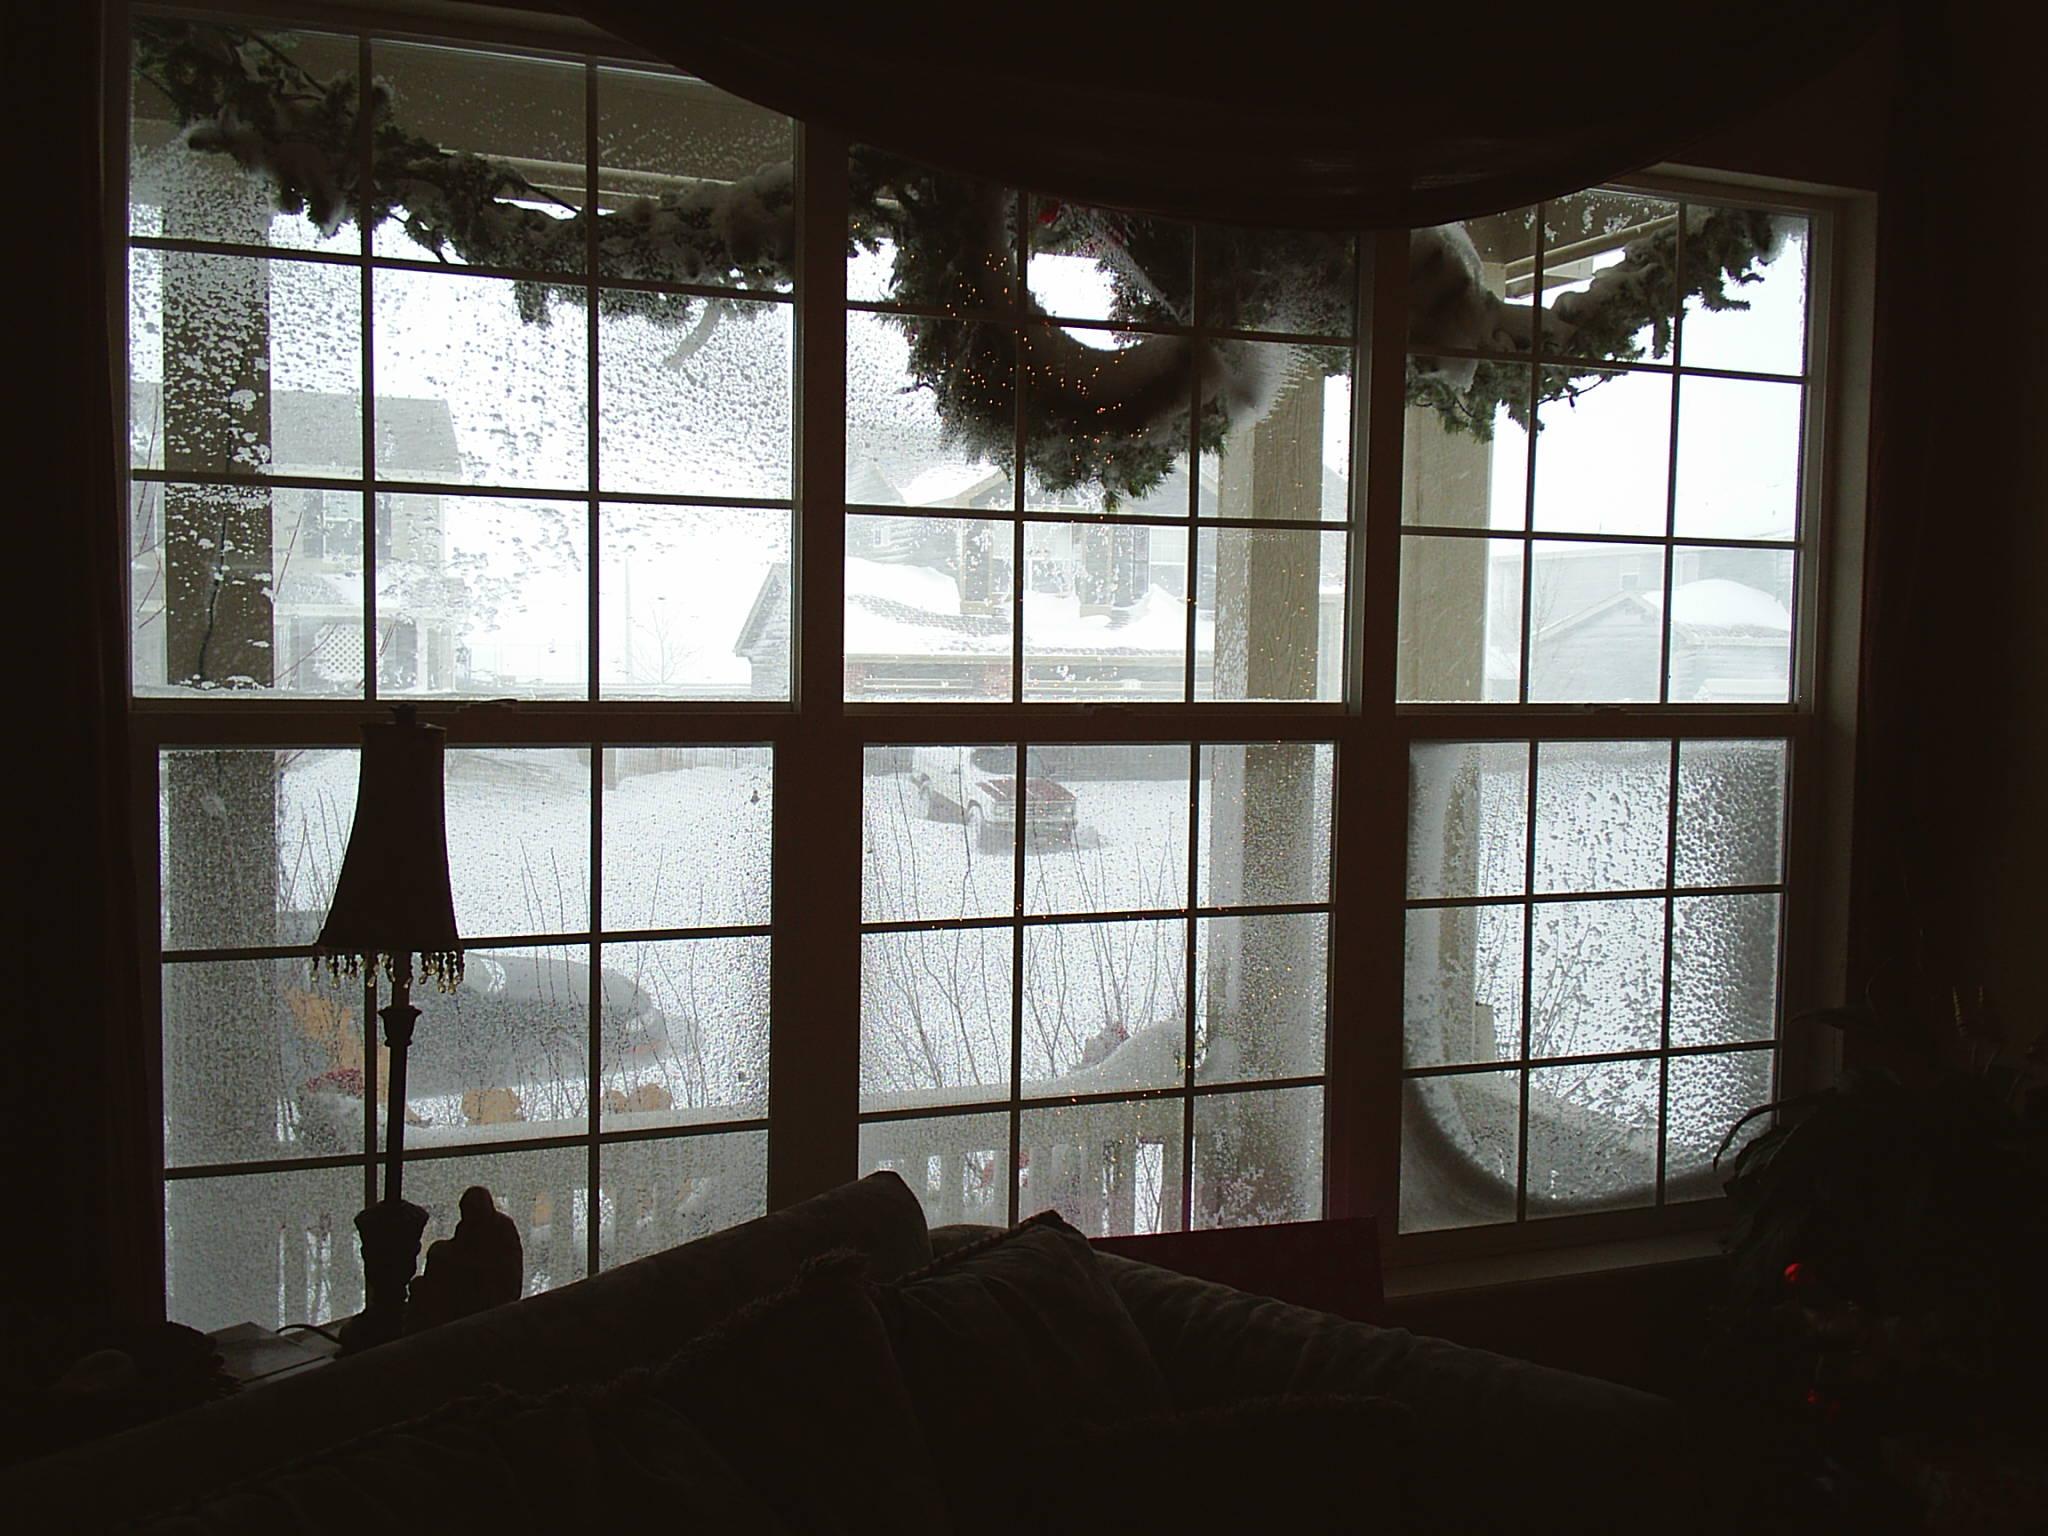 blizzard_window_12_20_061.JPG